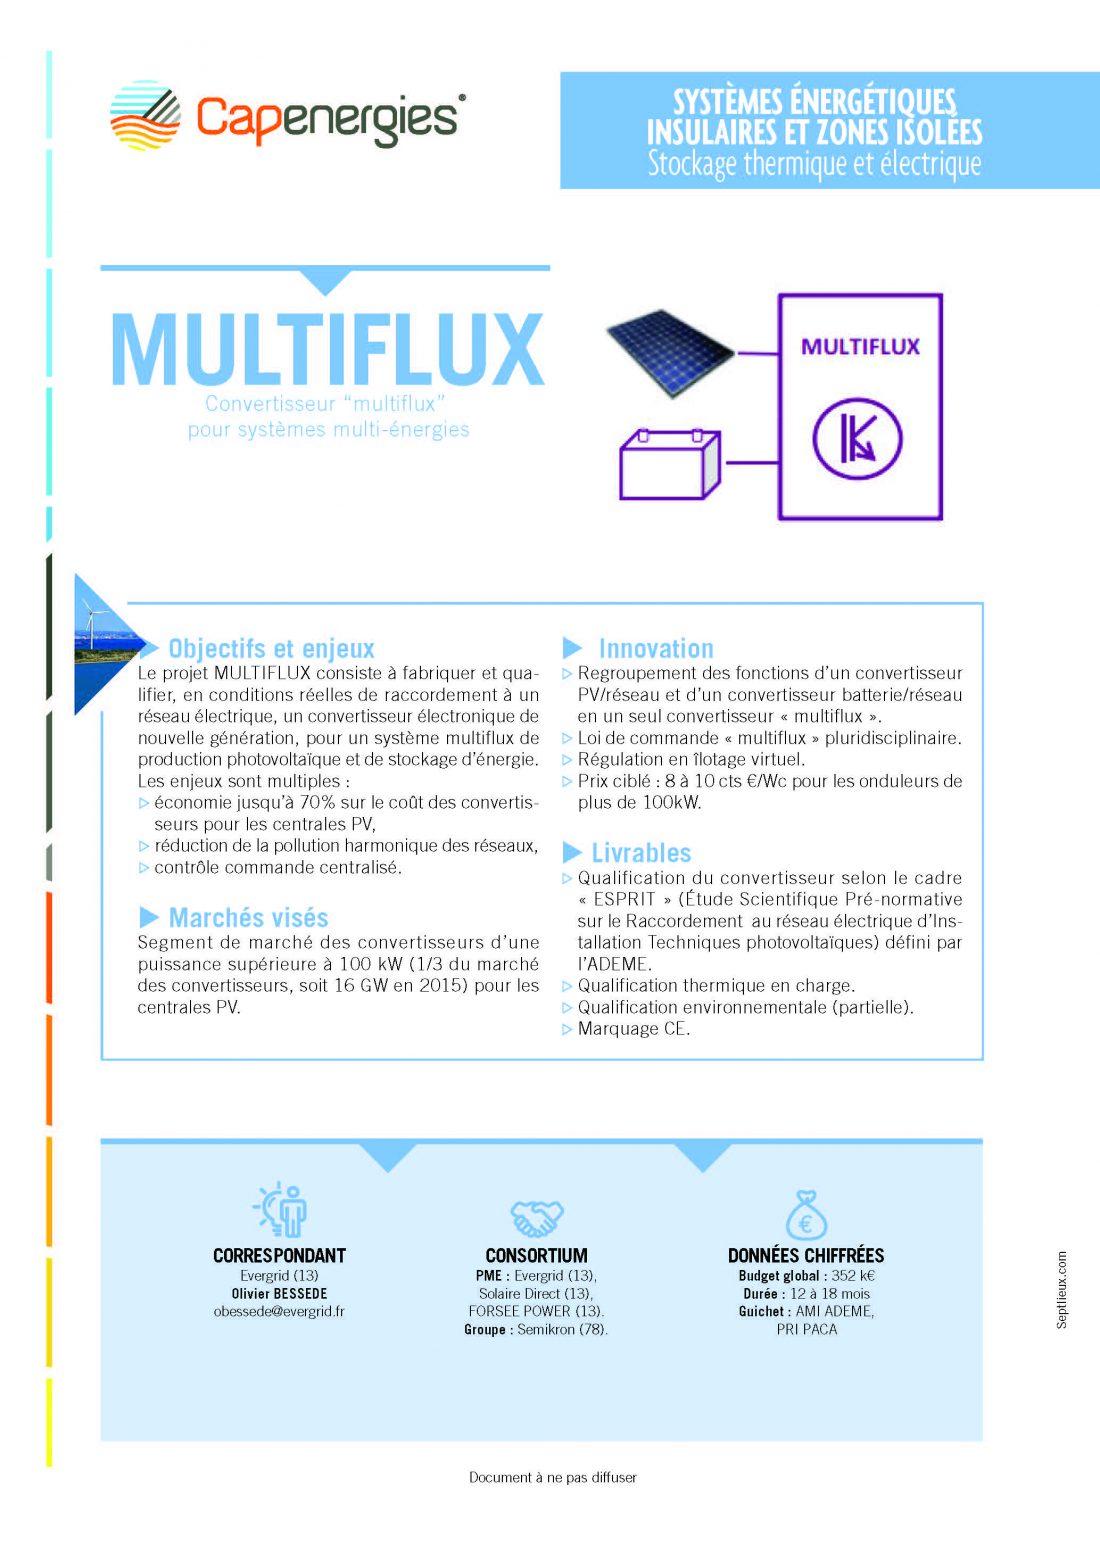 MULTIFLUX